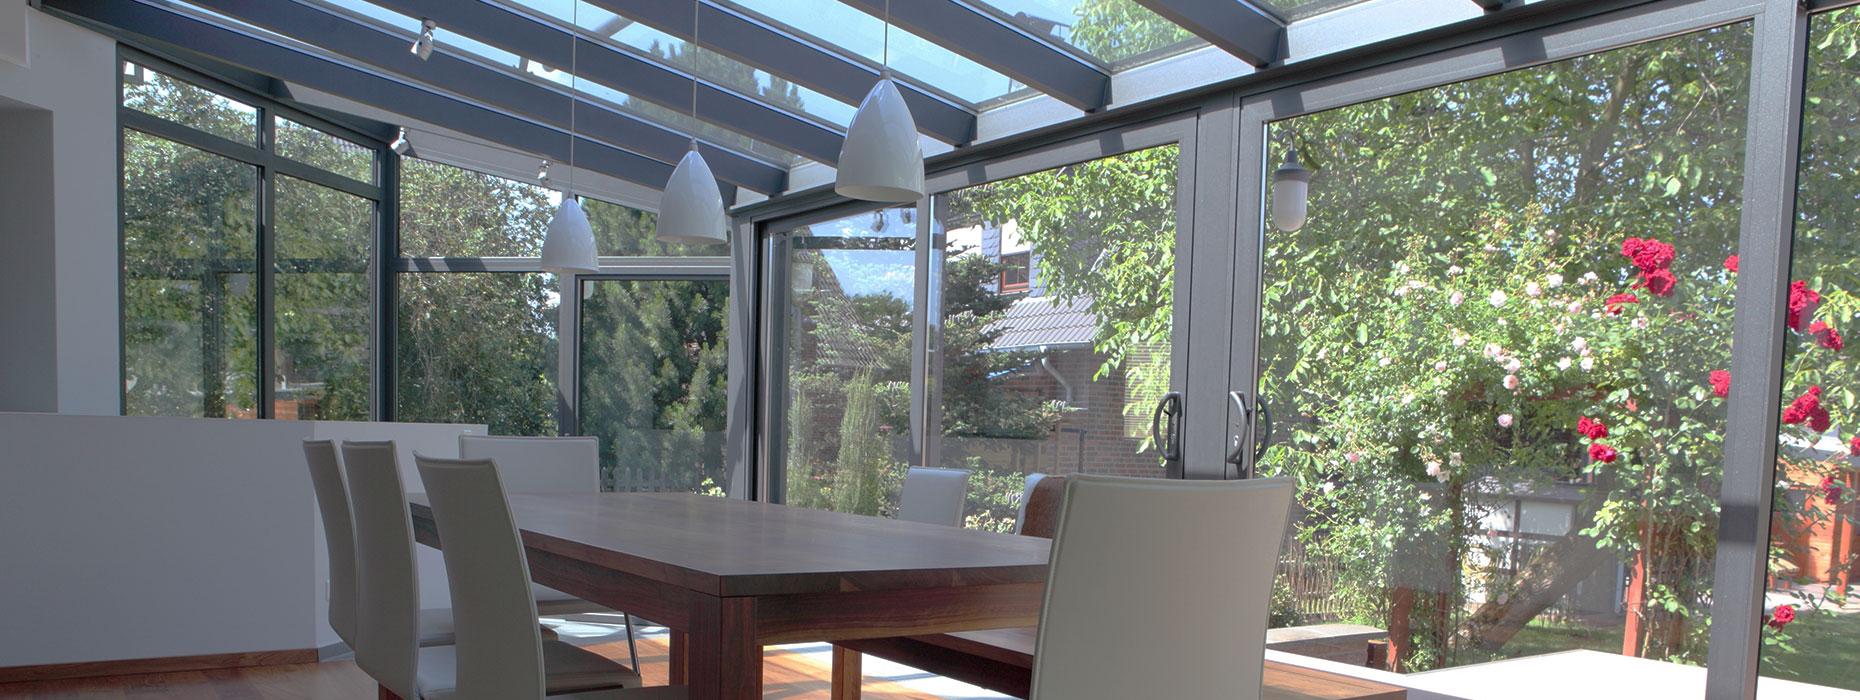 Verande in vetro a bergamo brescia milano covea vetri - Verande mobili per balconi ...